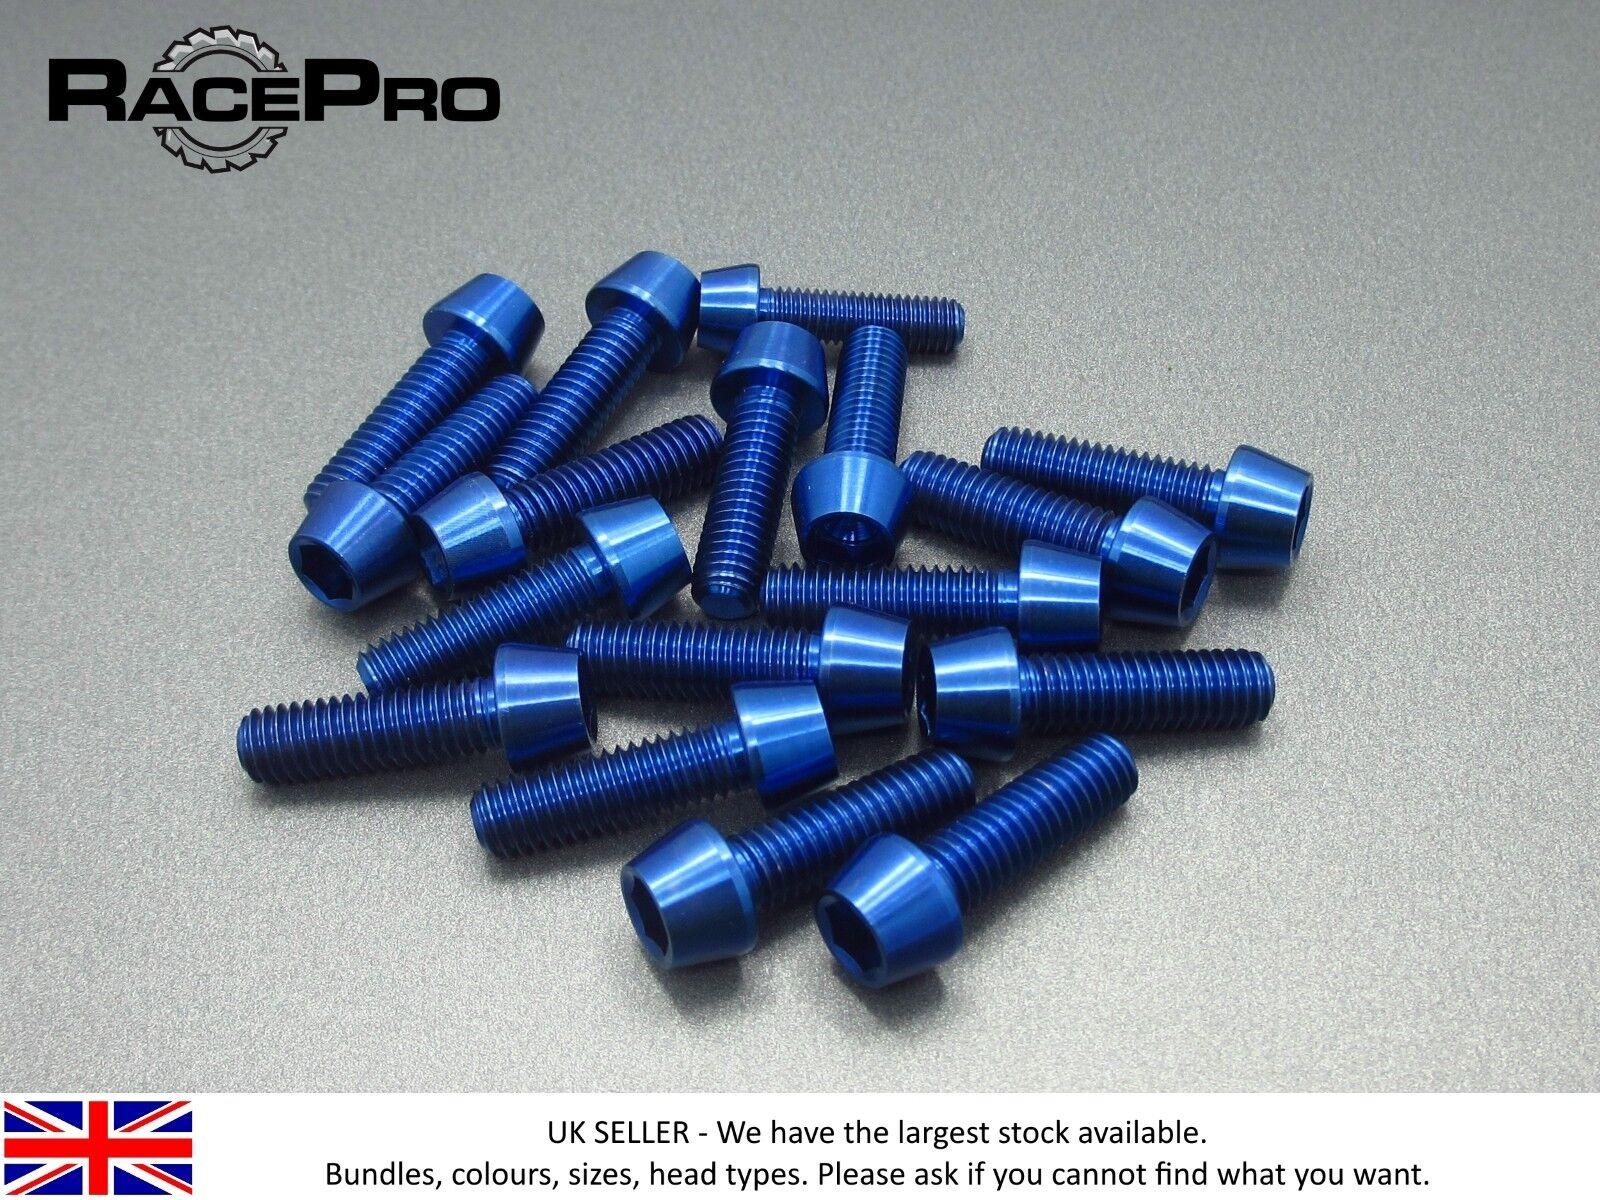 Racepro - 12 x TITANIO CONICO PRESA Bullone Allen - M6 x 29mm x 1mm - bluee